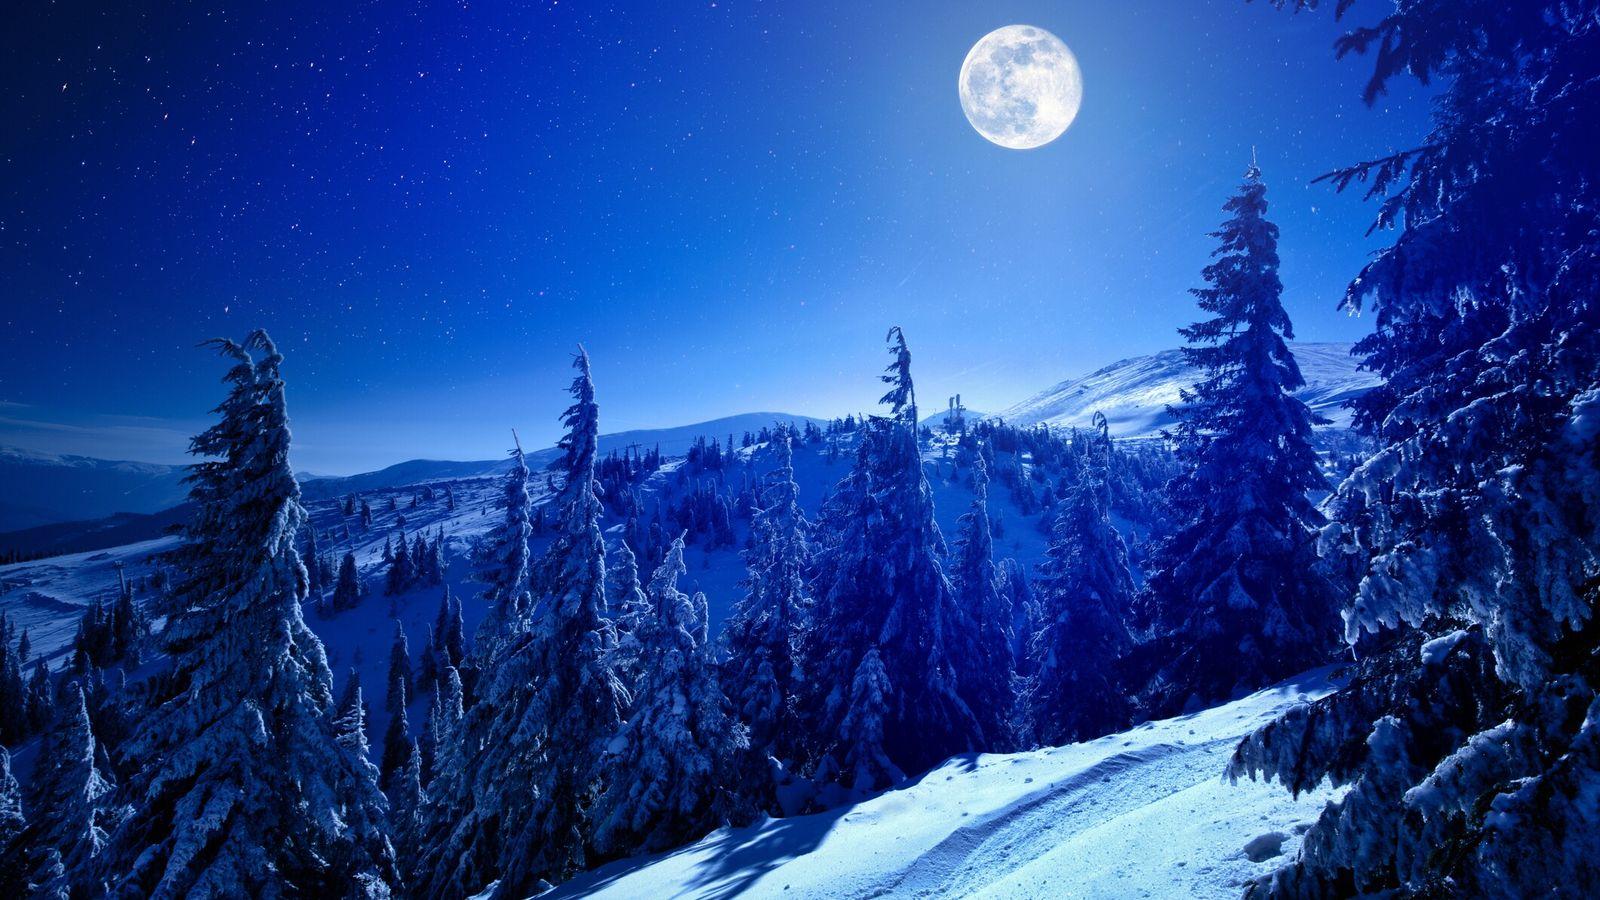 Snowy view in Carpathian Mountains, winter landscape.